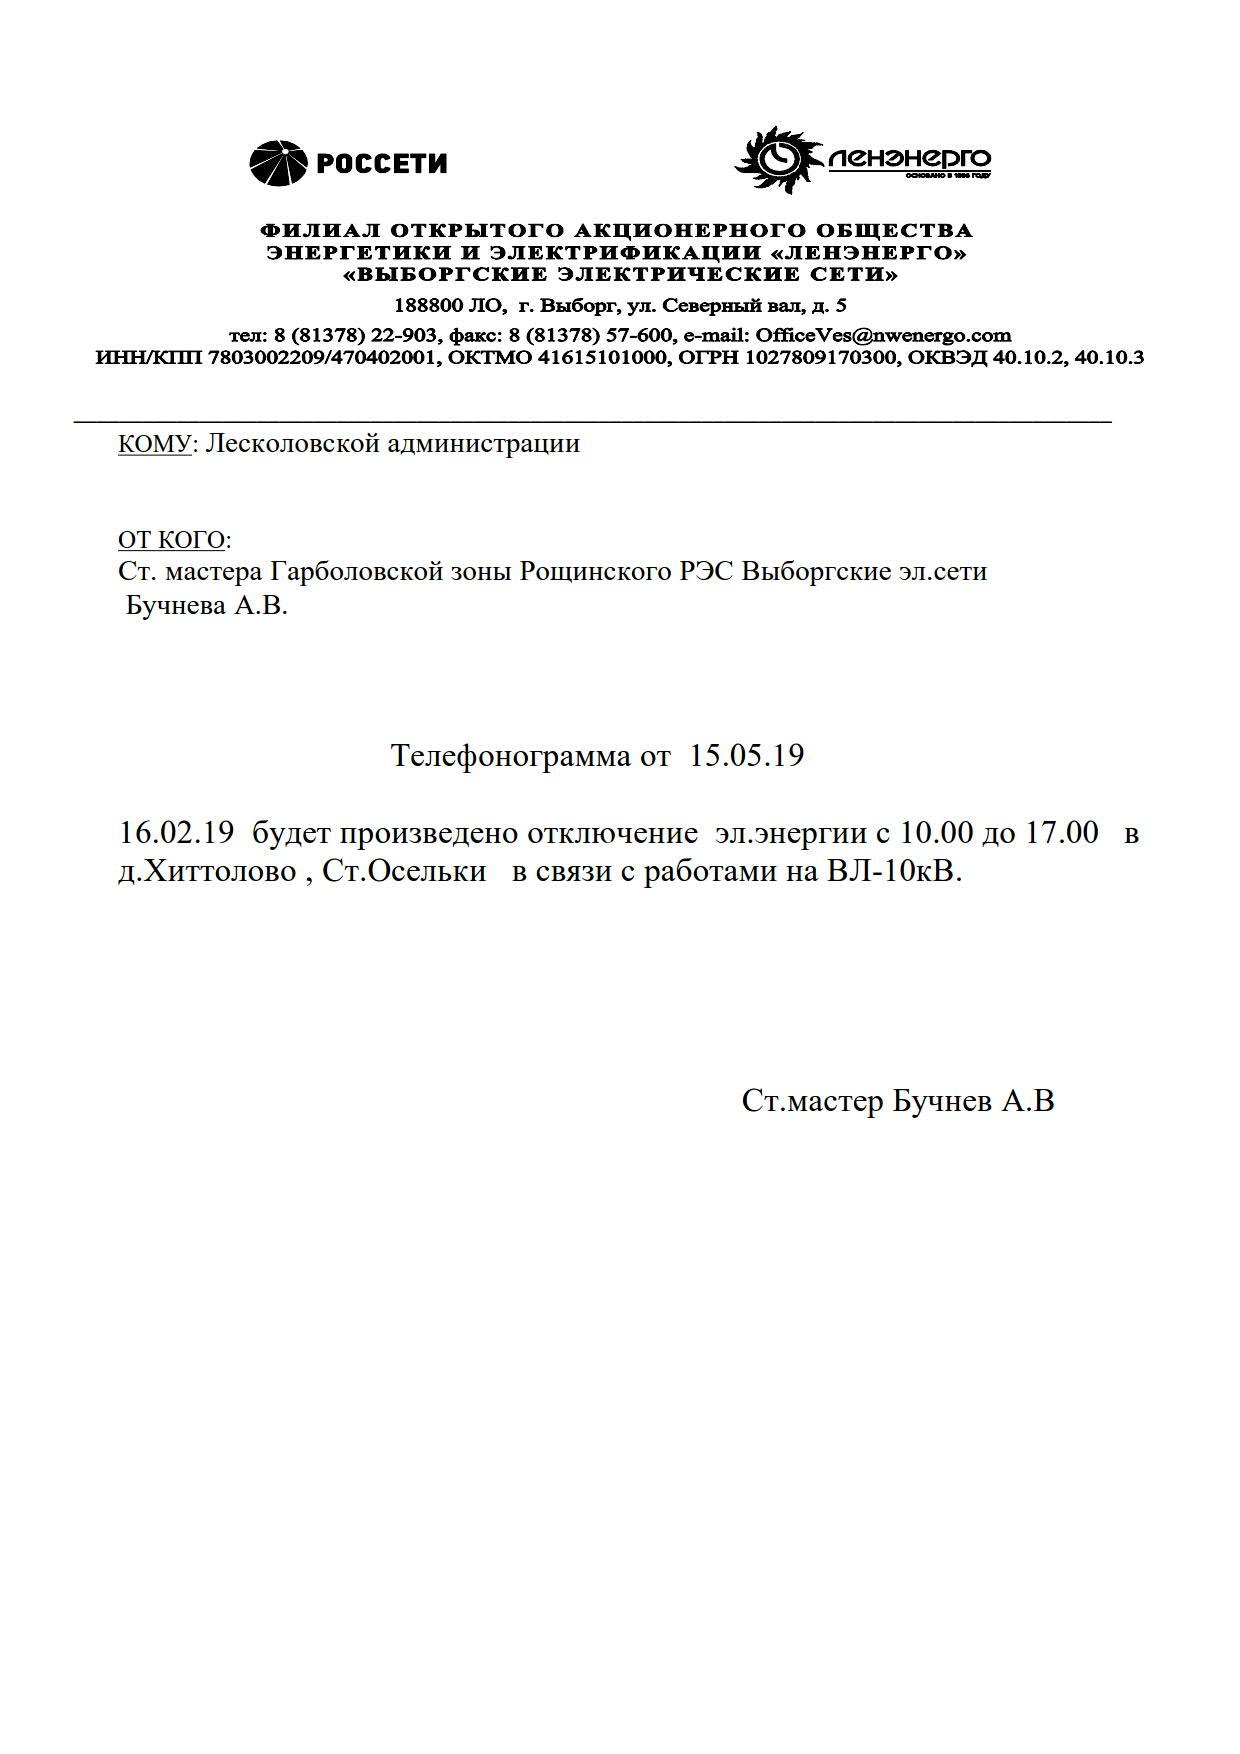 Леск.адм. Ф 628-208 15.05.19_1